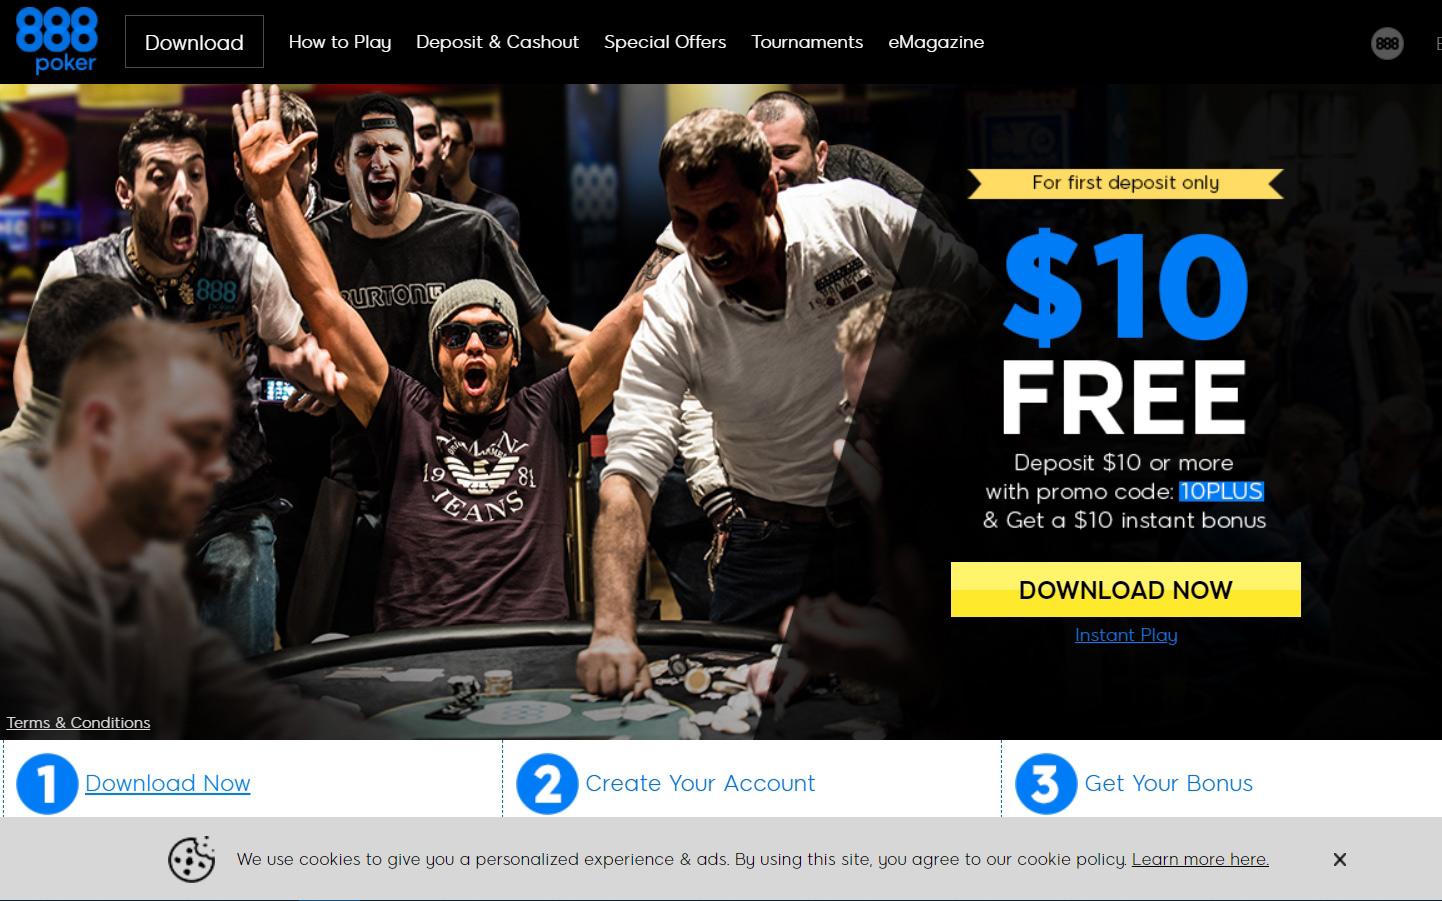 Официальный сайт 888poker.